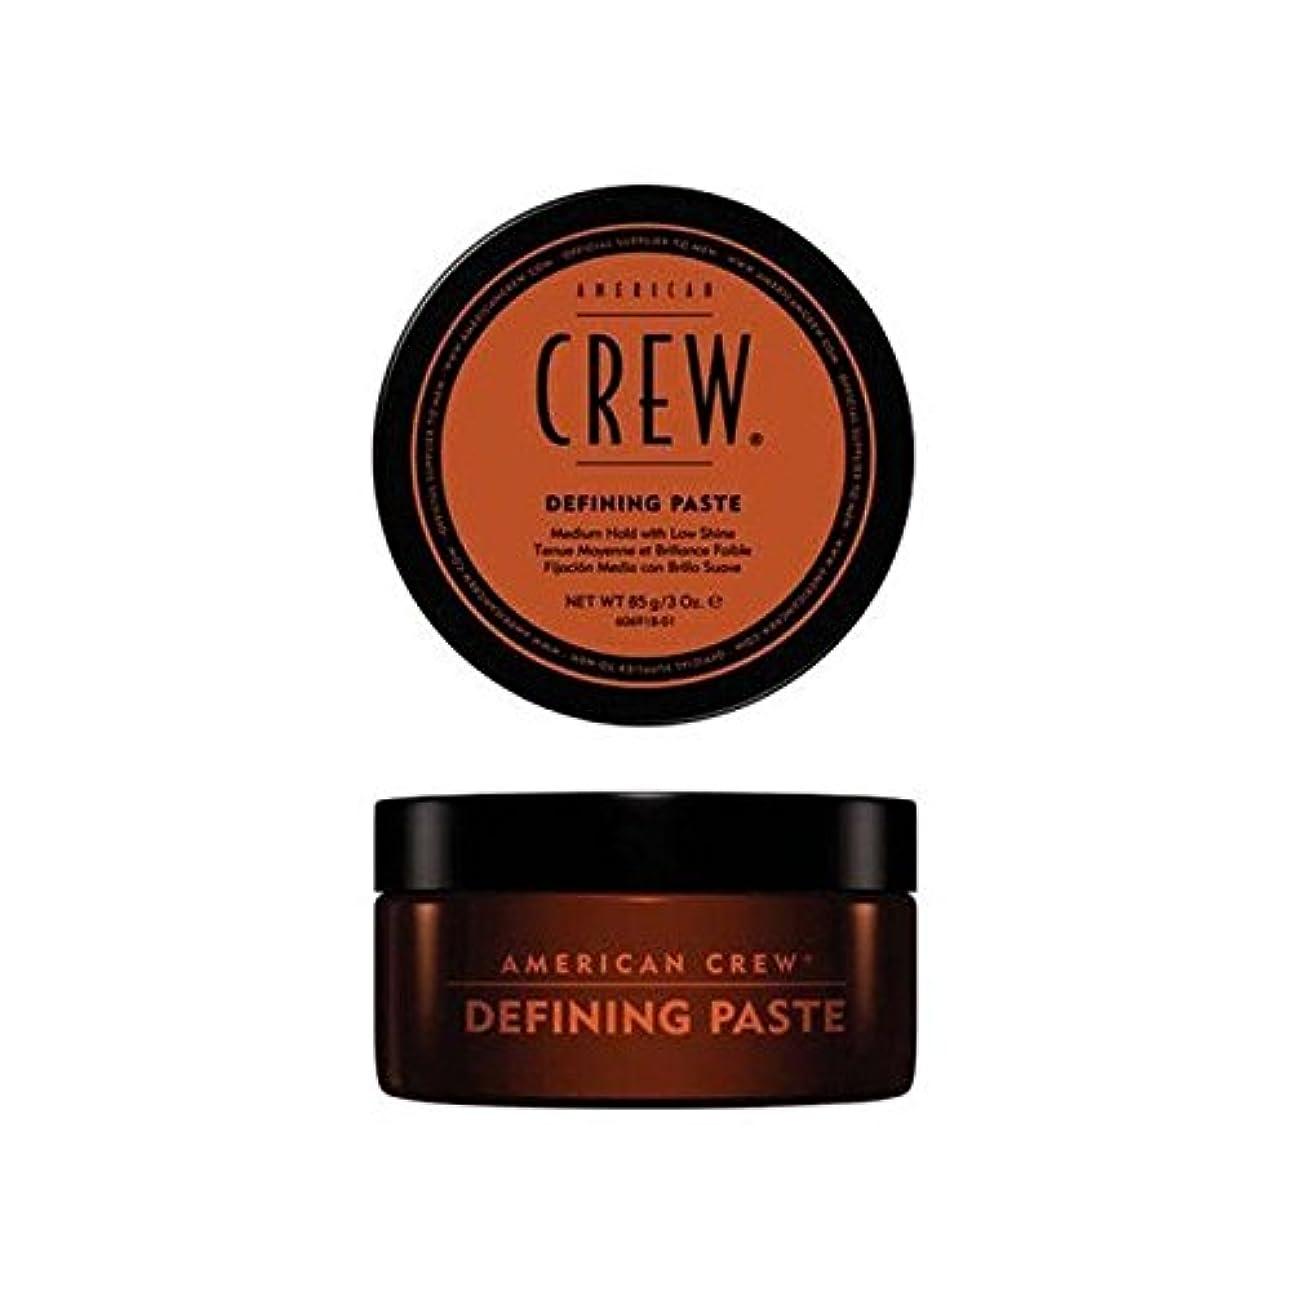 豚肉自然公園間アメリカの乗組員の定義ペースト(85グラム) x4 - American Crew Defining Paste (85G) (Pack of 4) [並行輸入品]